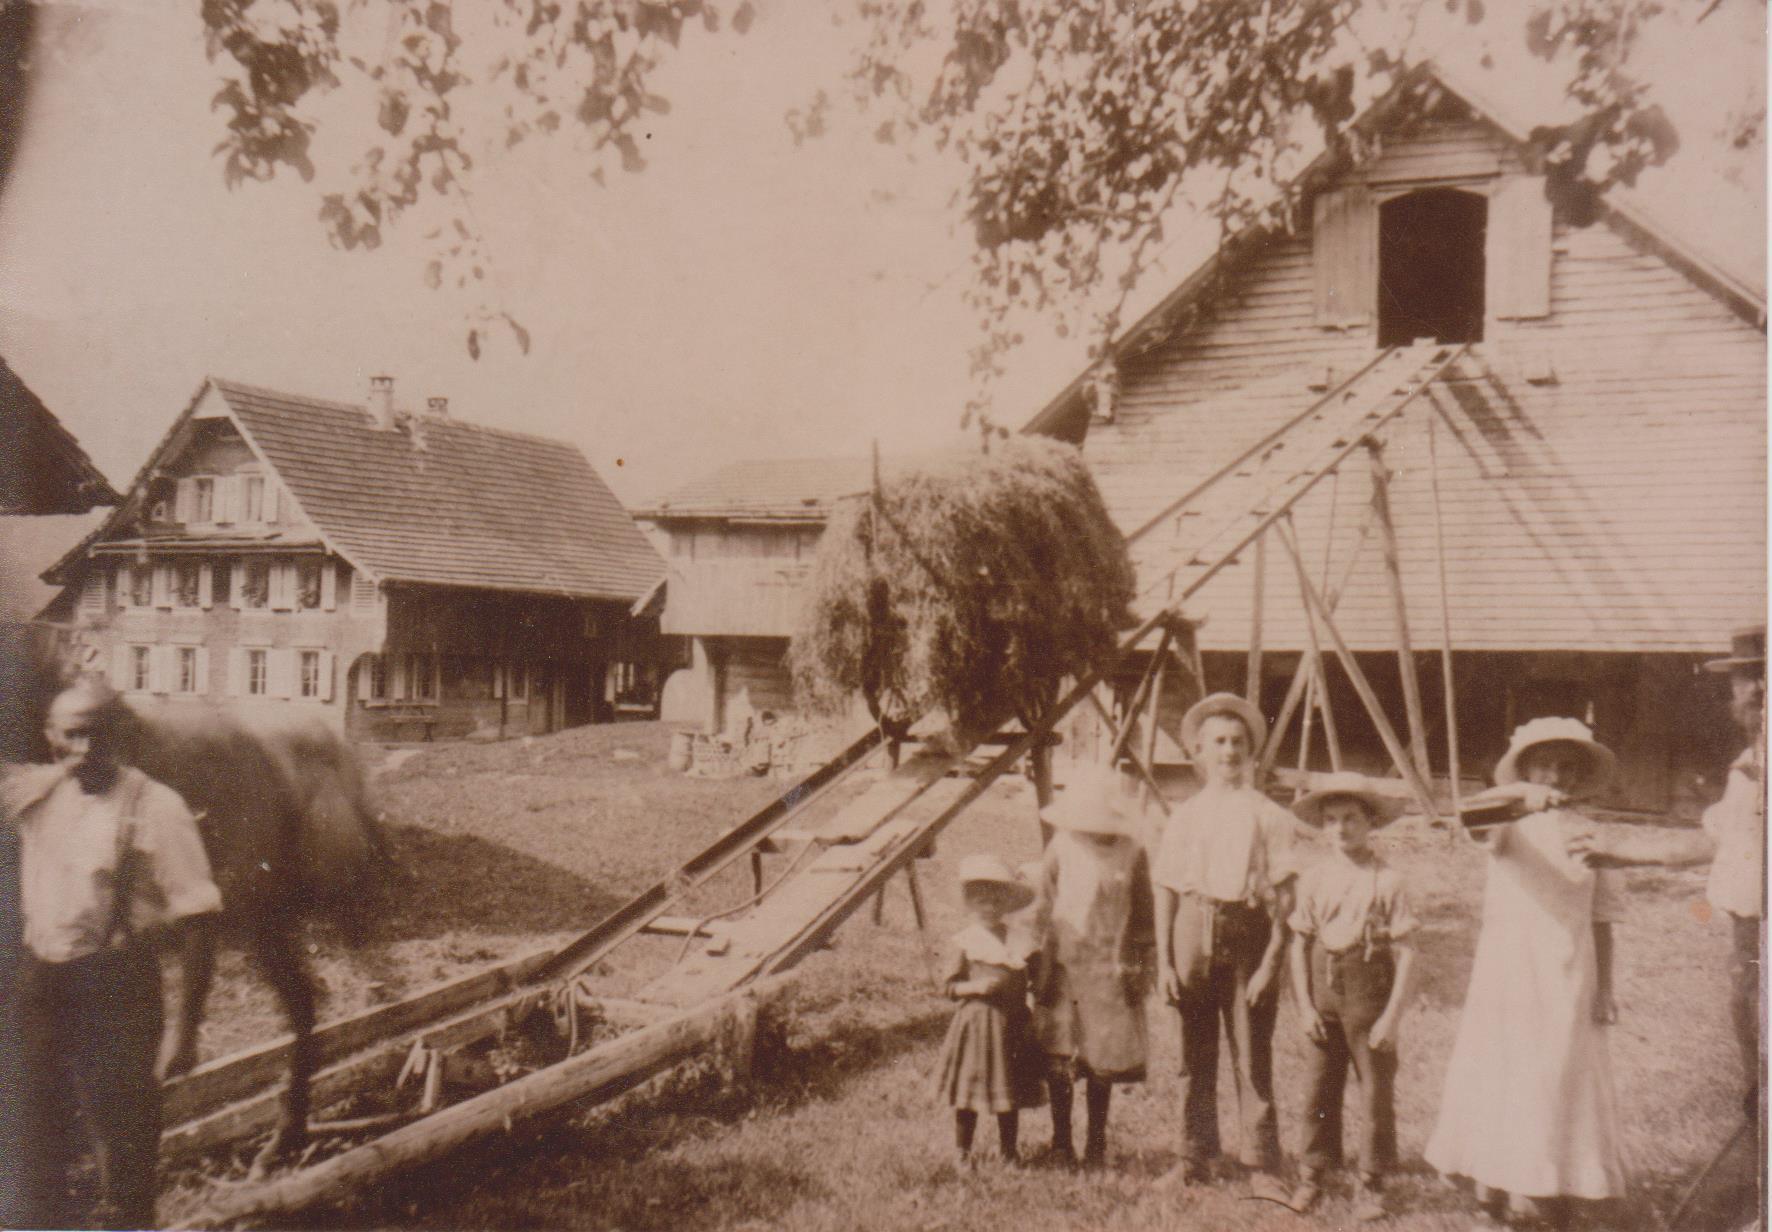 Emmetti anno dazis - ca. 1900